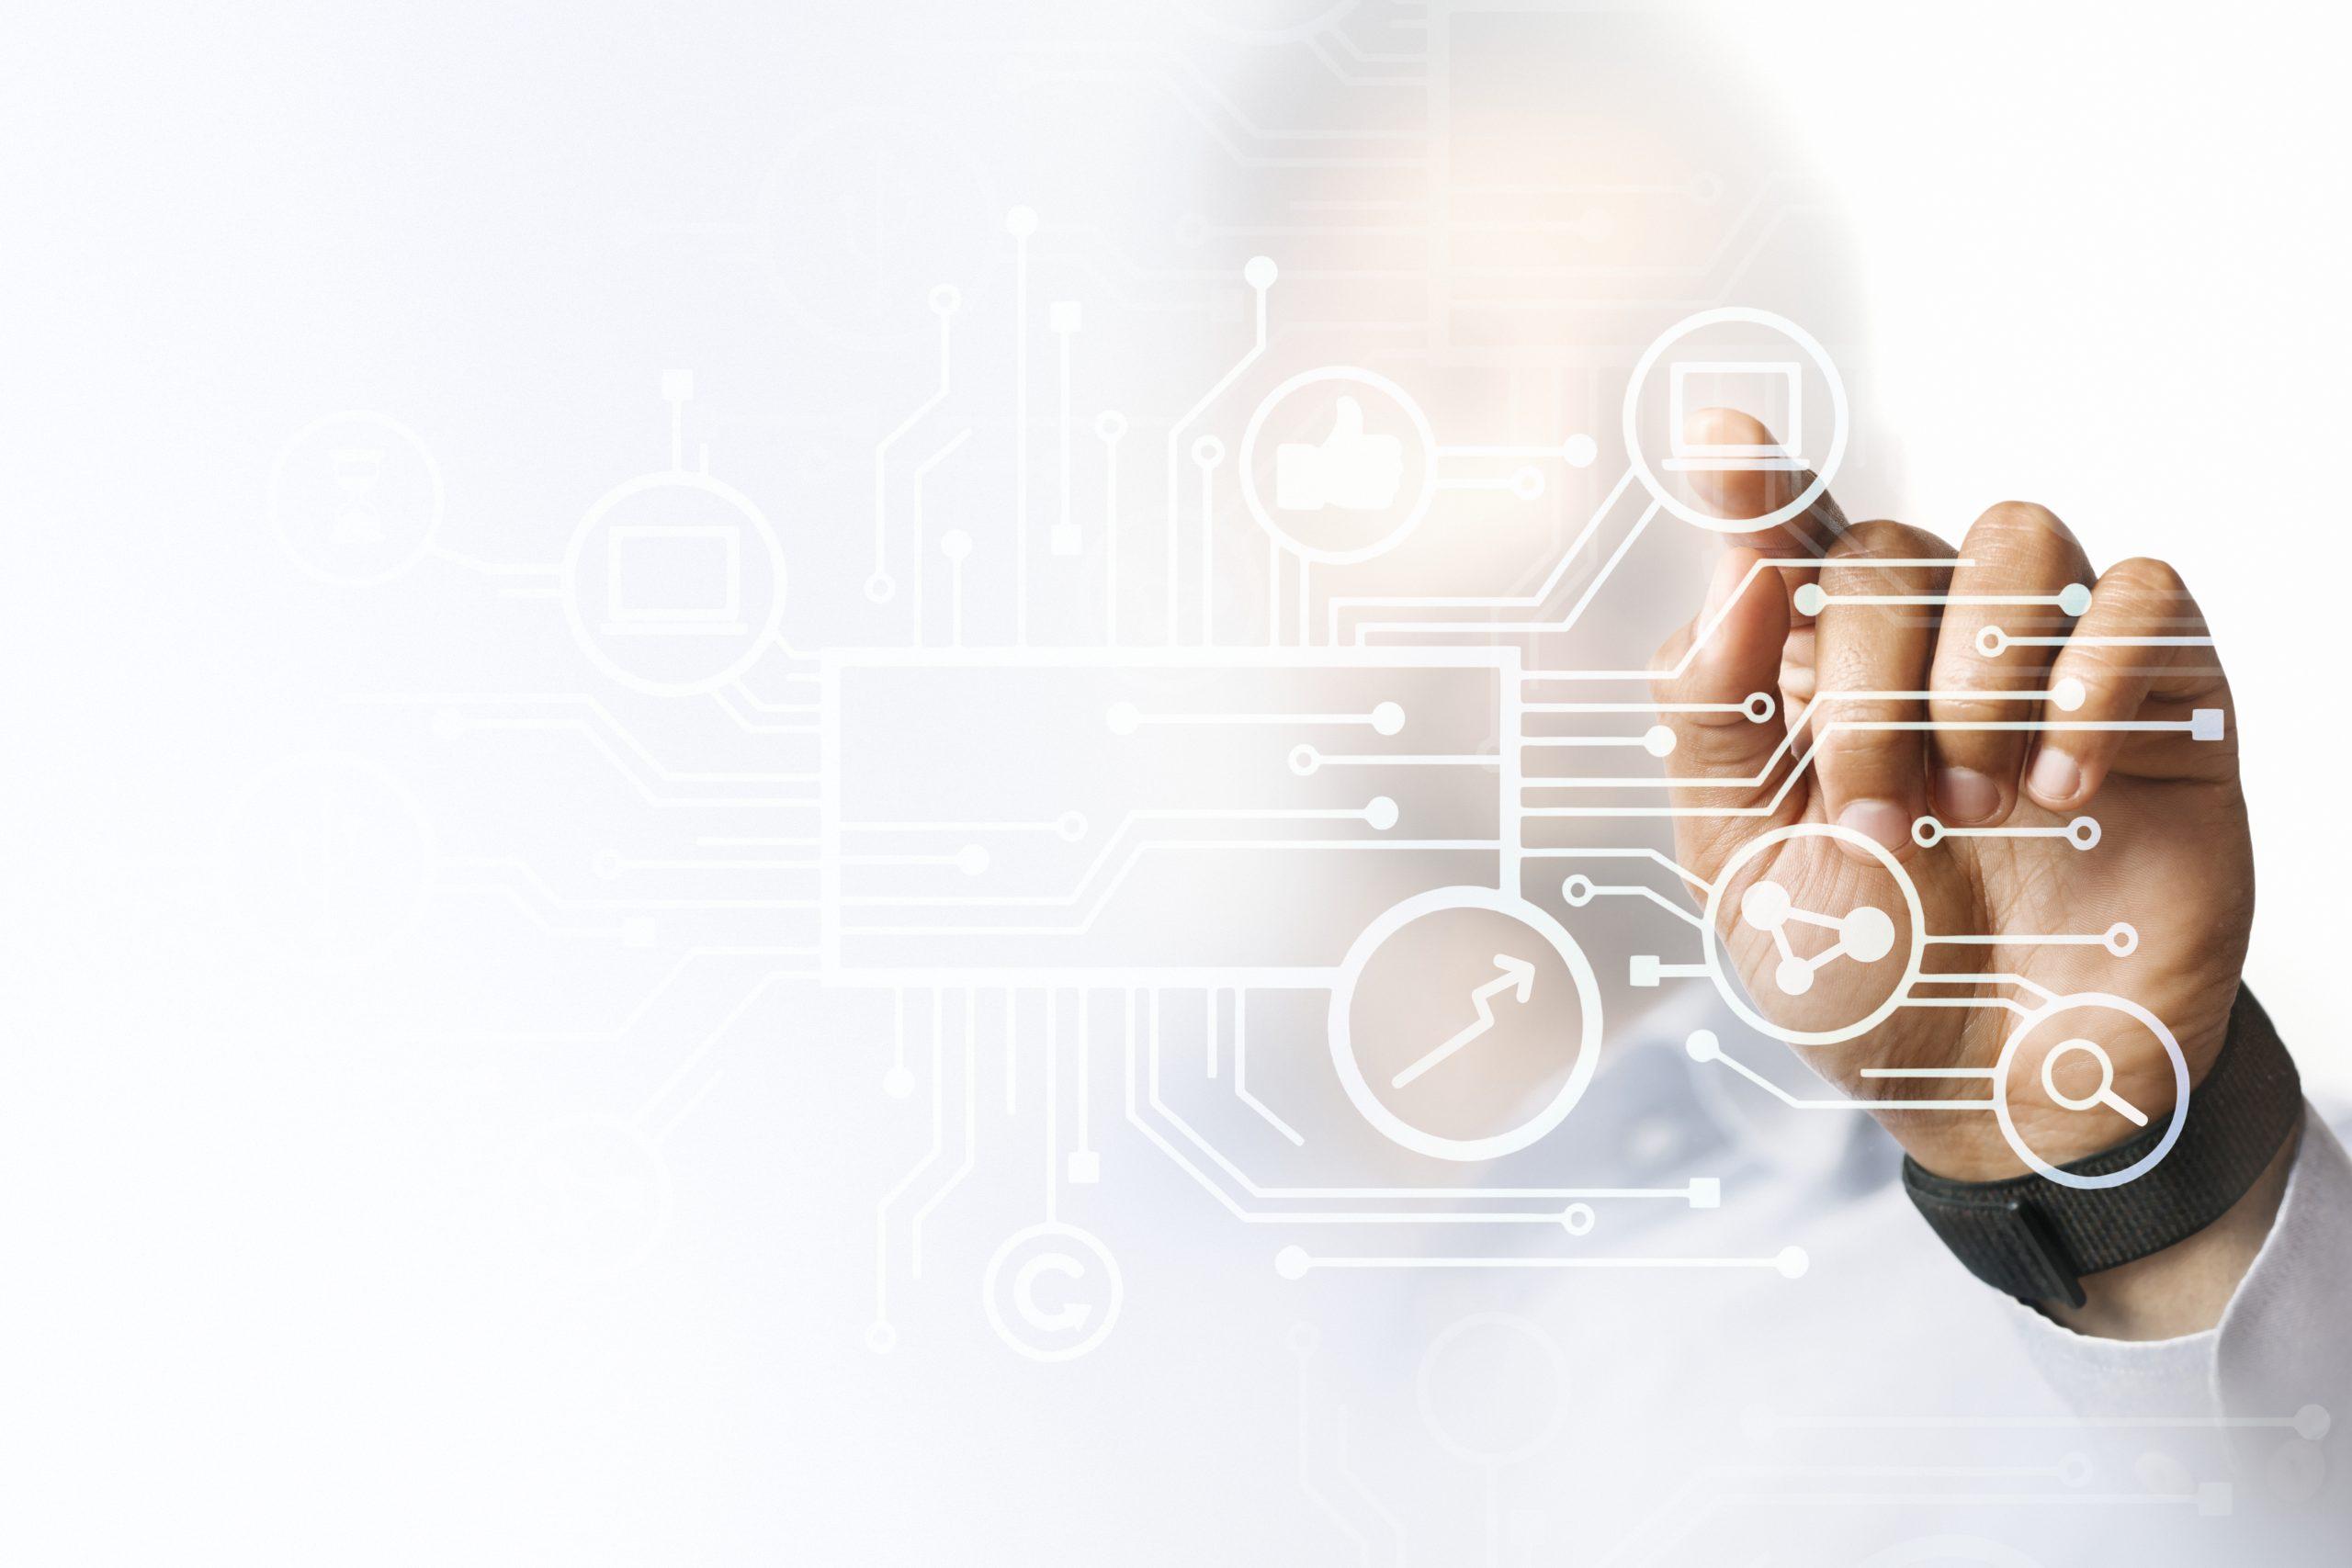 Quali sono i fattori che influiscono maggiormente nell'accettazione di una nuova tecnologia in azienda?